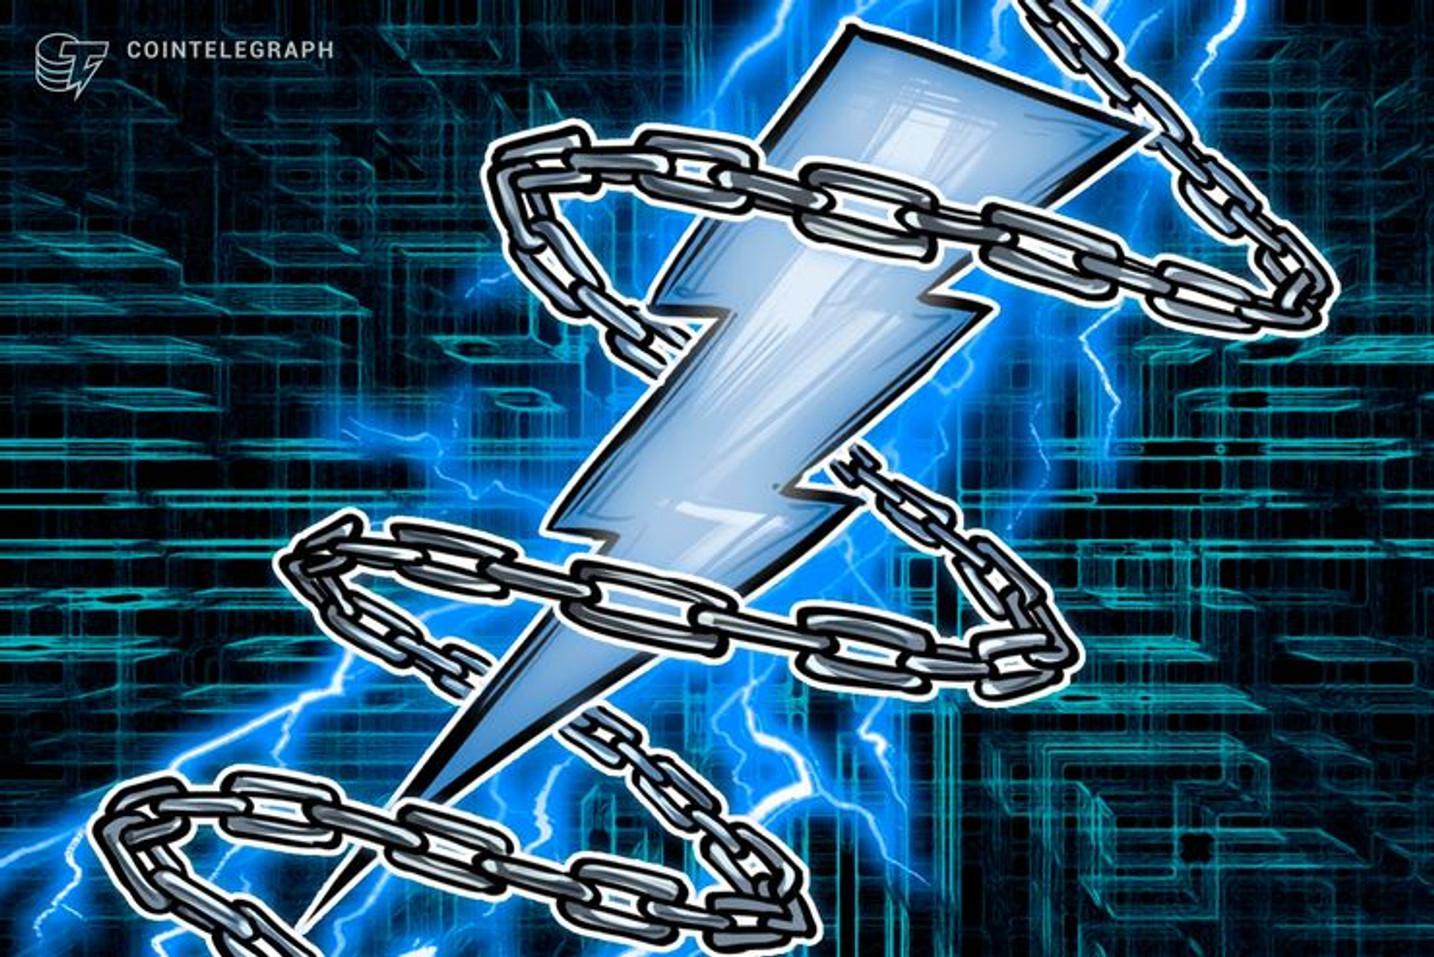 Diretor da Bitfinex comemora 800 transações na Lightning Network; Moedas como o Ripple estariam em risco